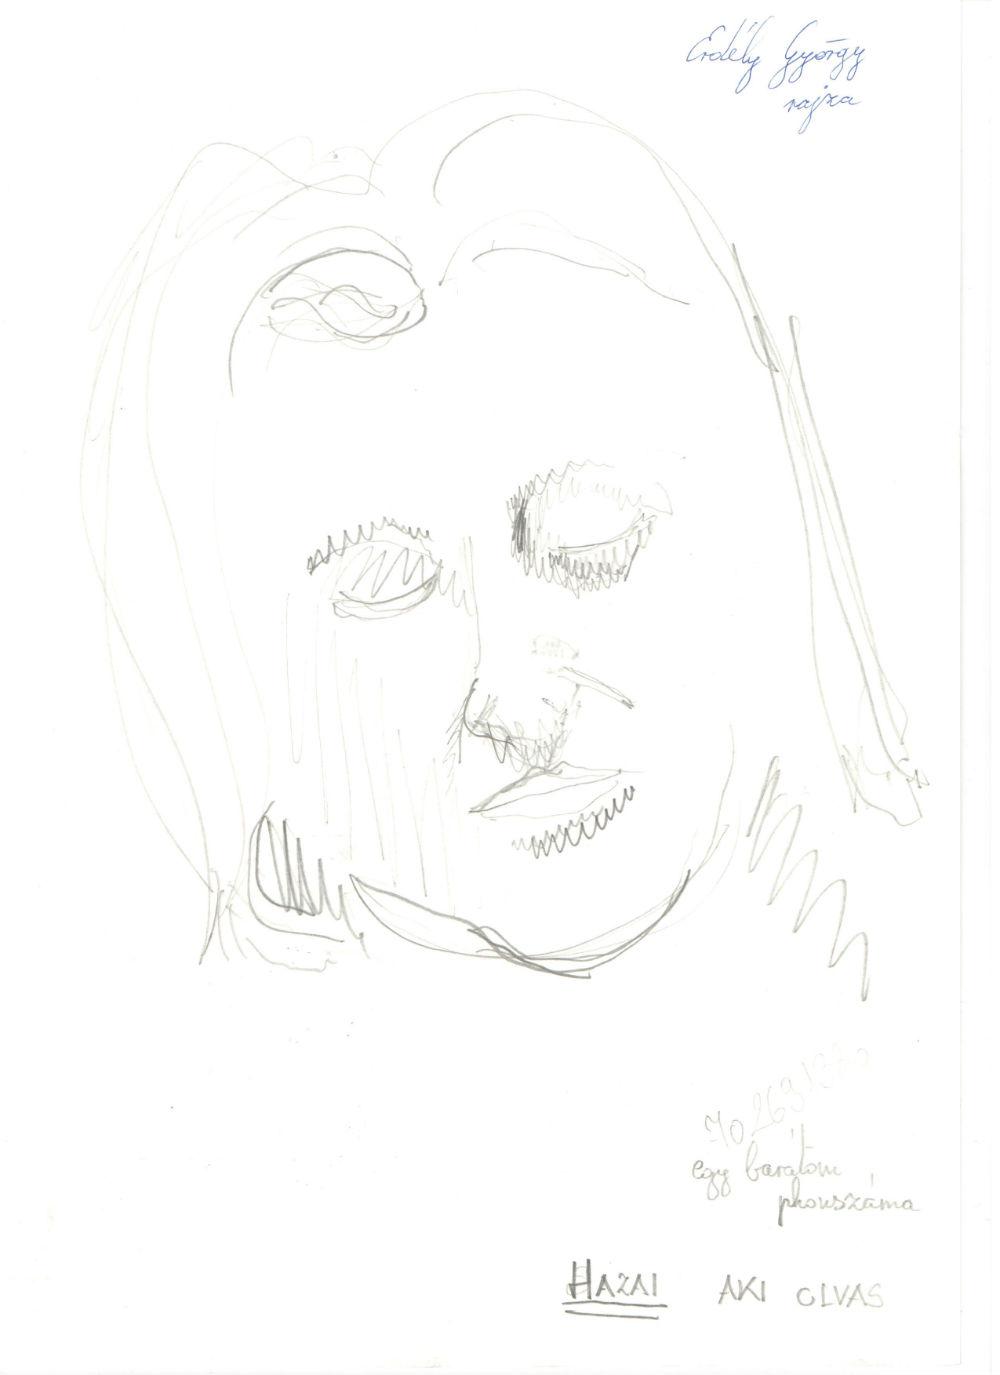 Hazai Attila - Erdély György rajza